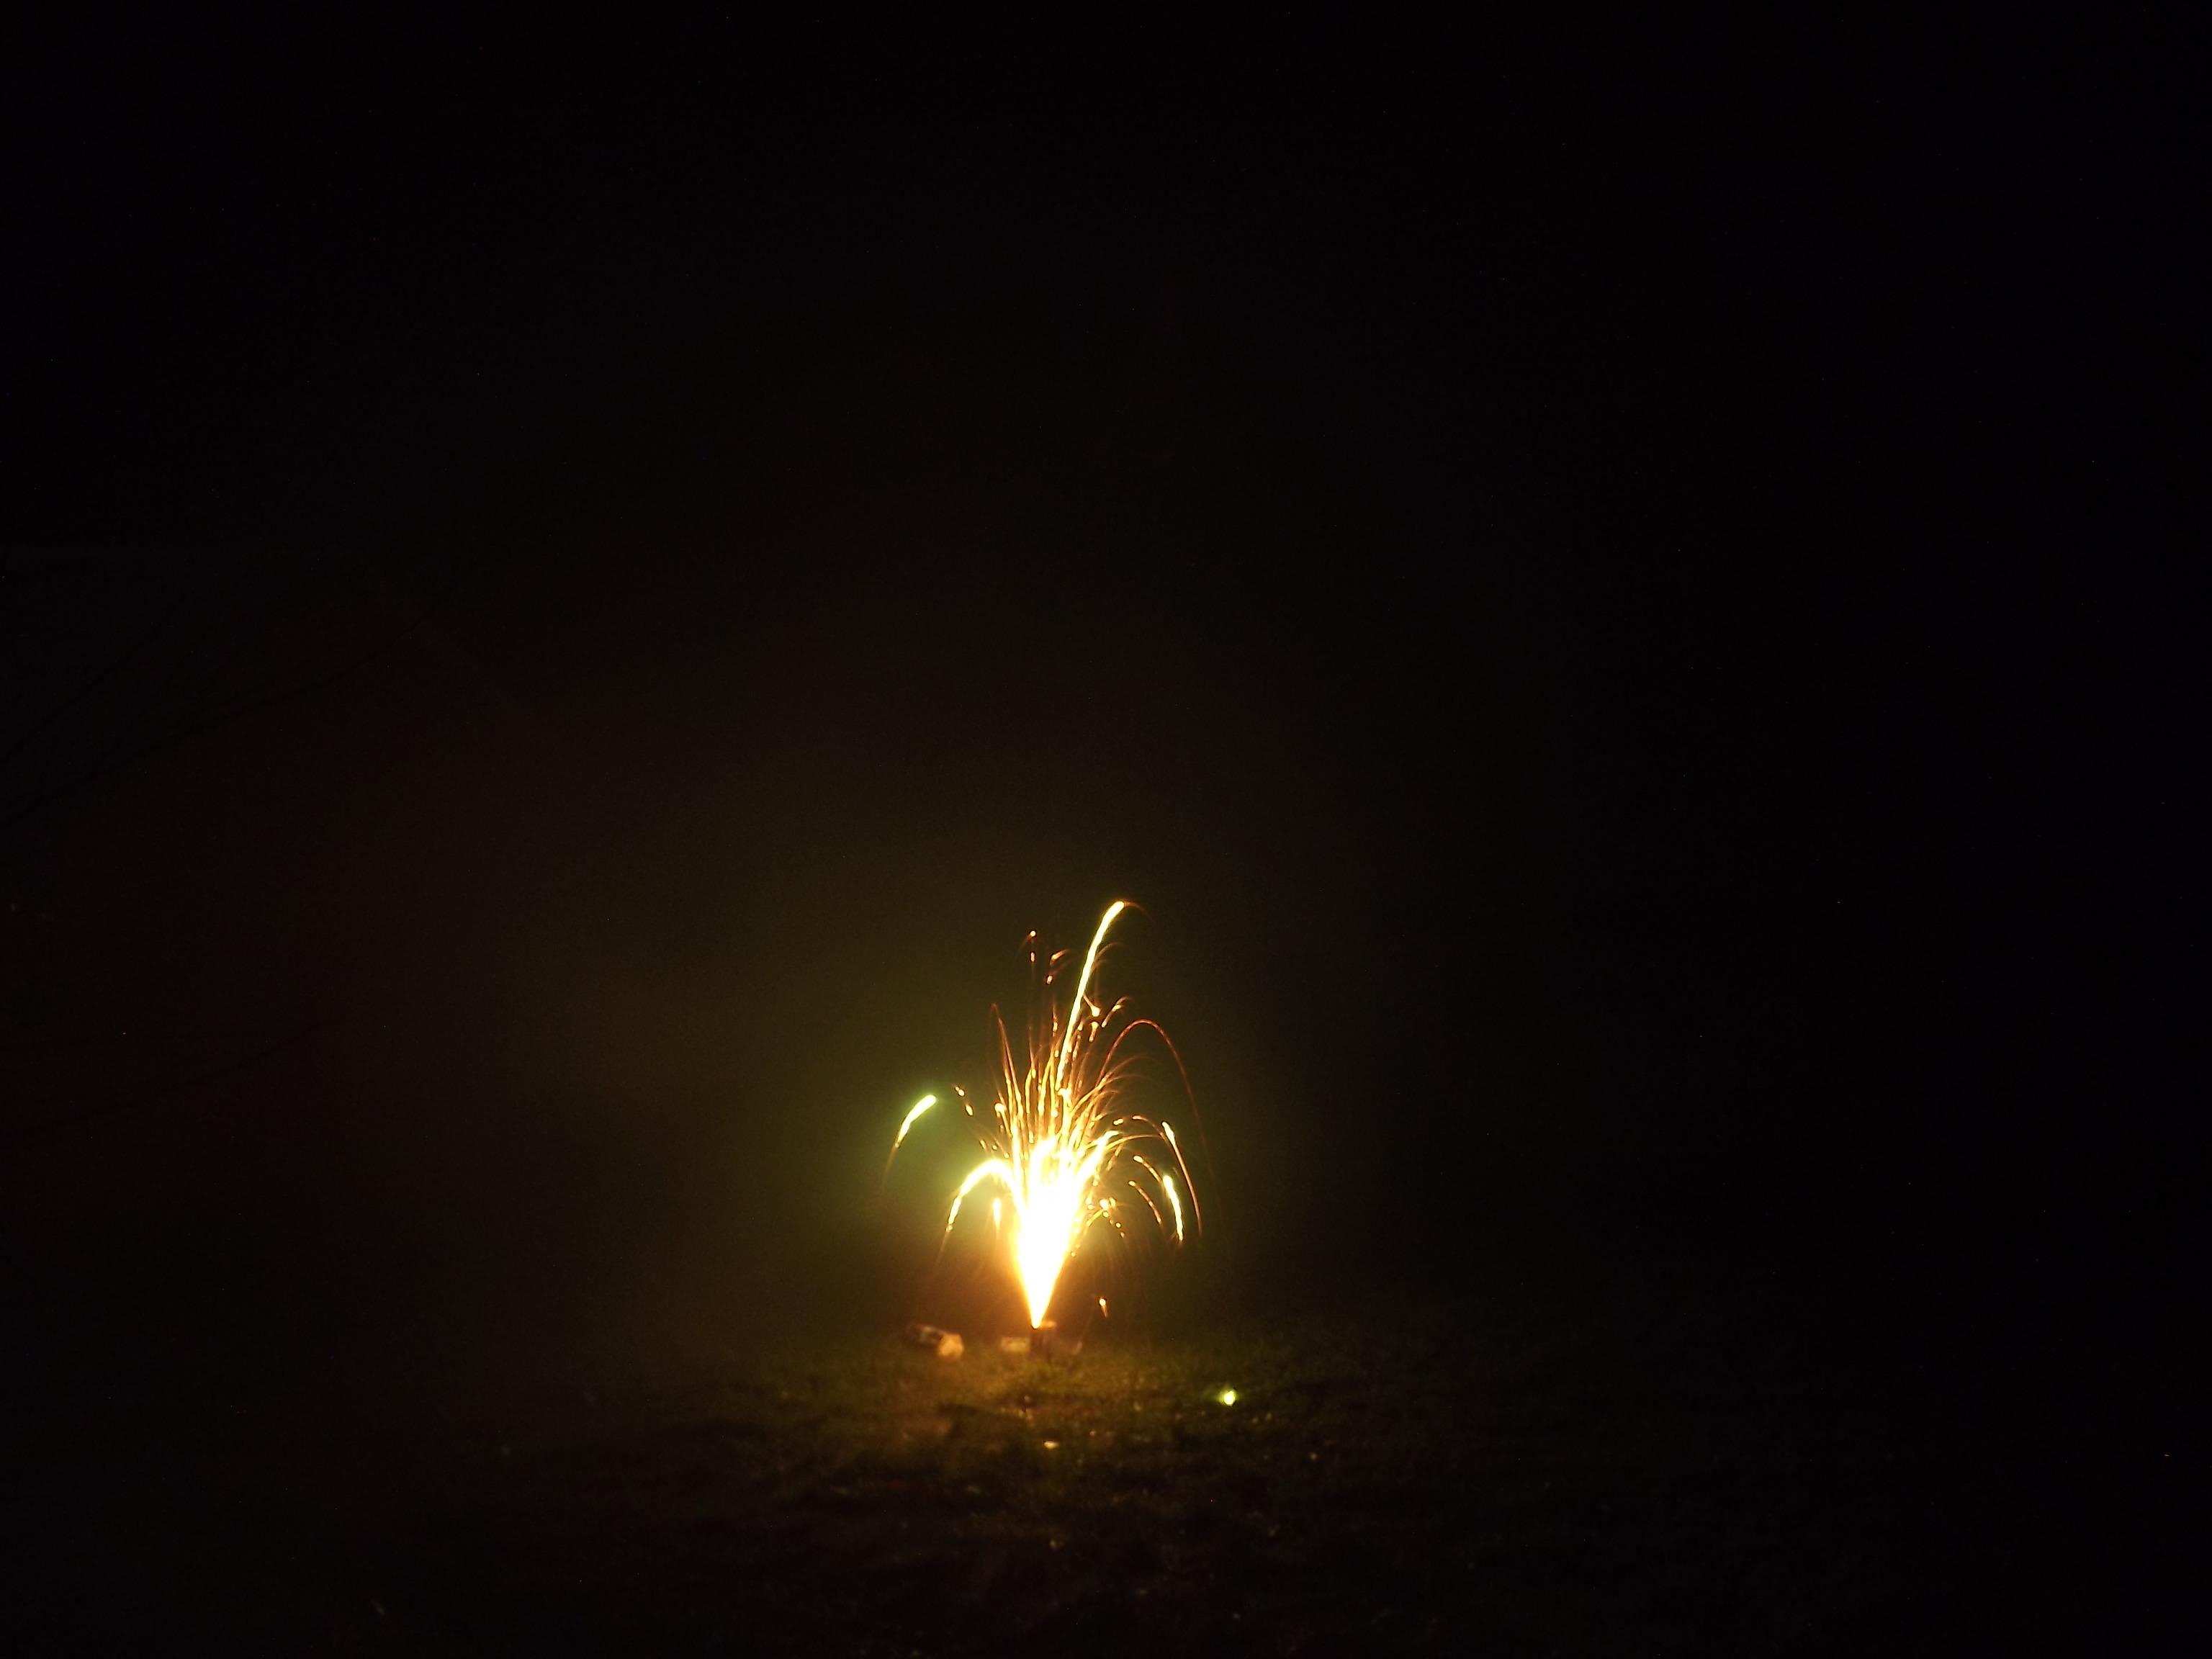 6770-feuerwerk-silvester-neujahr-explosion